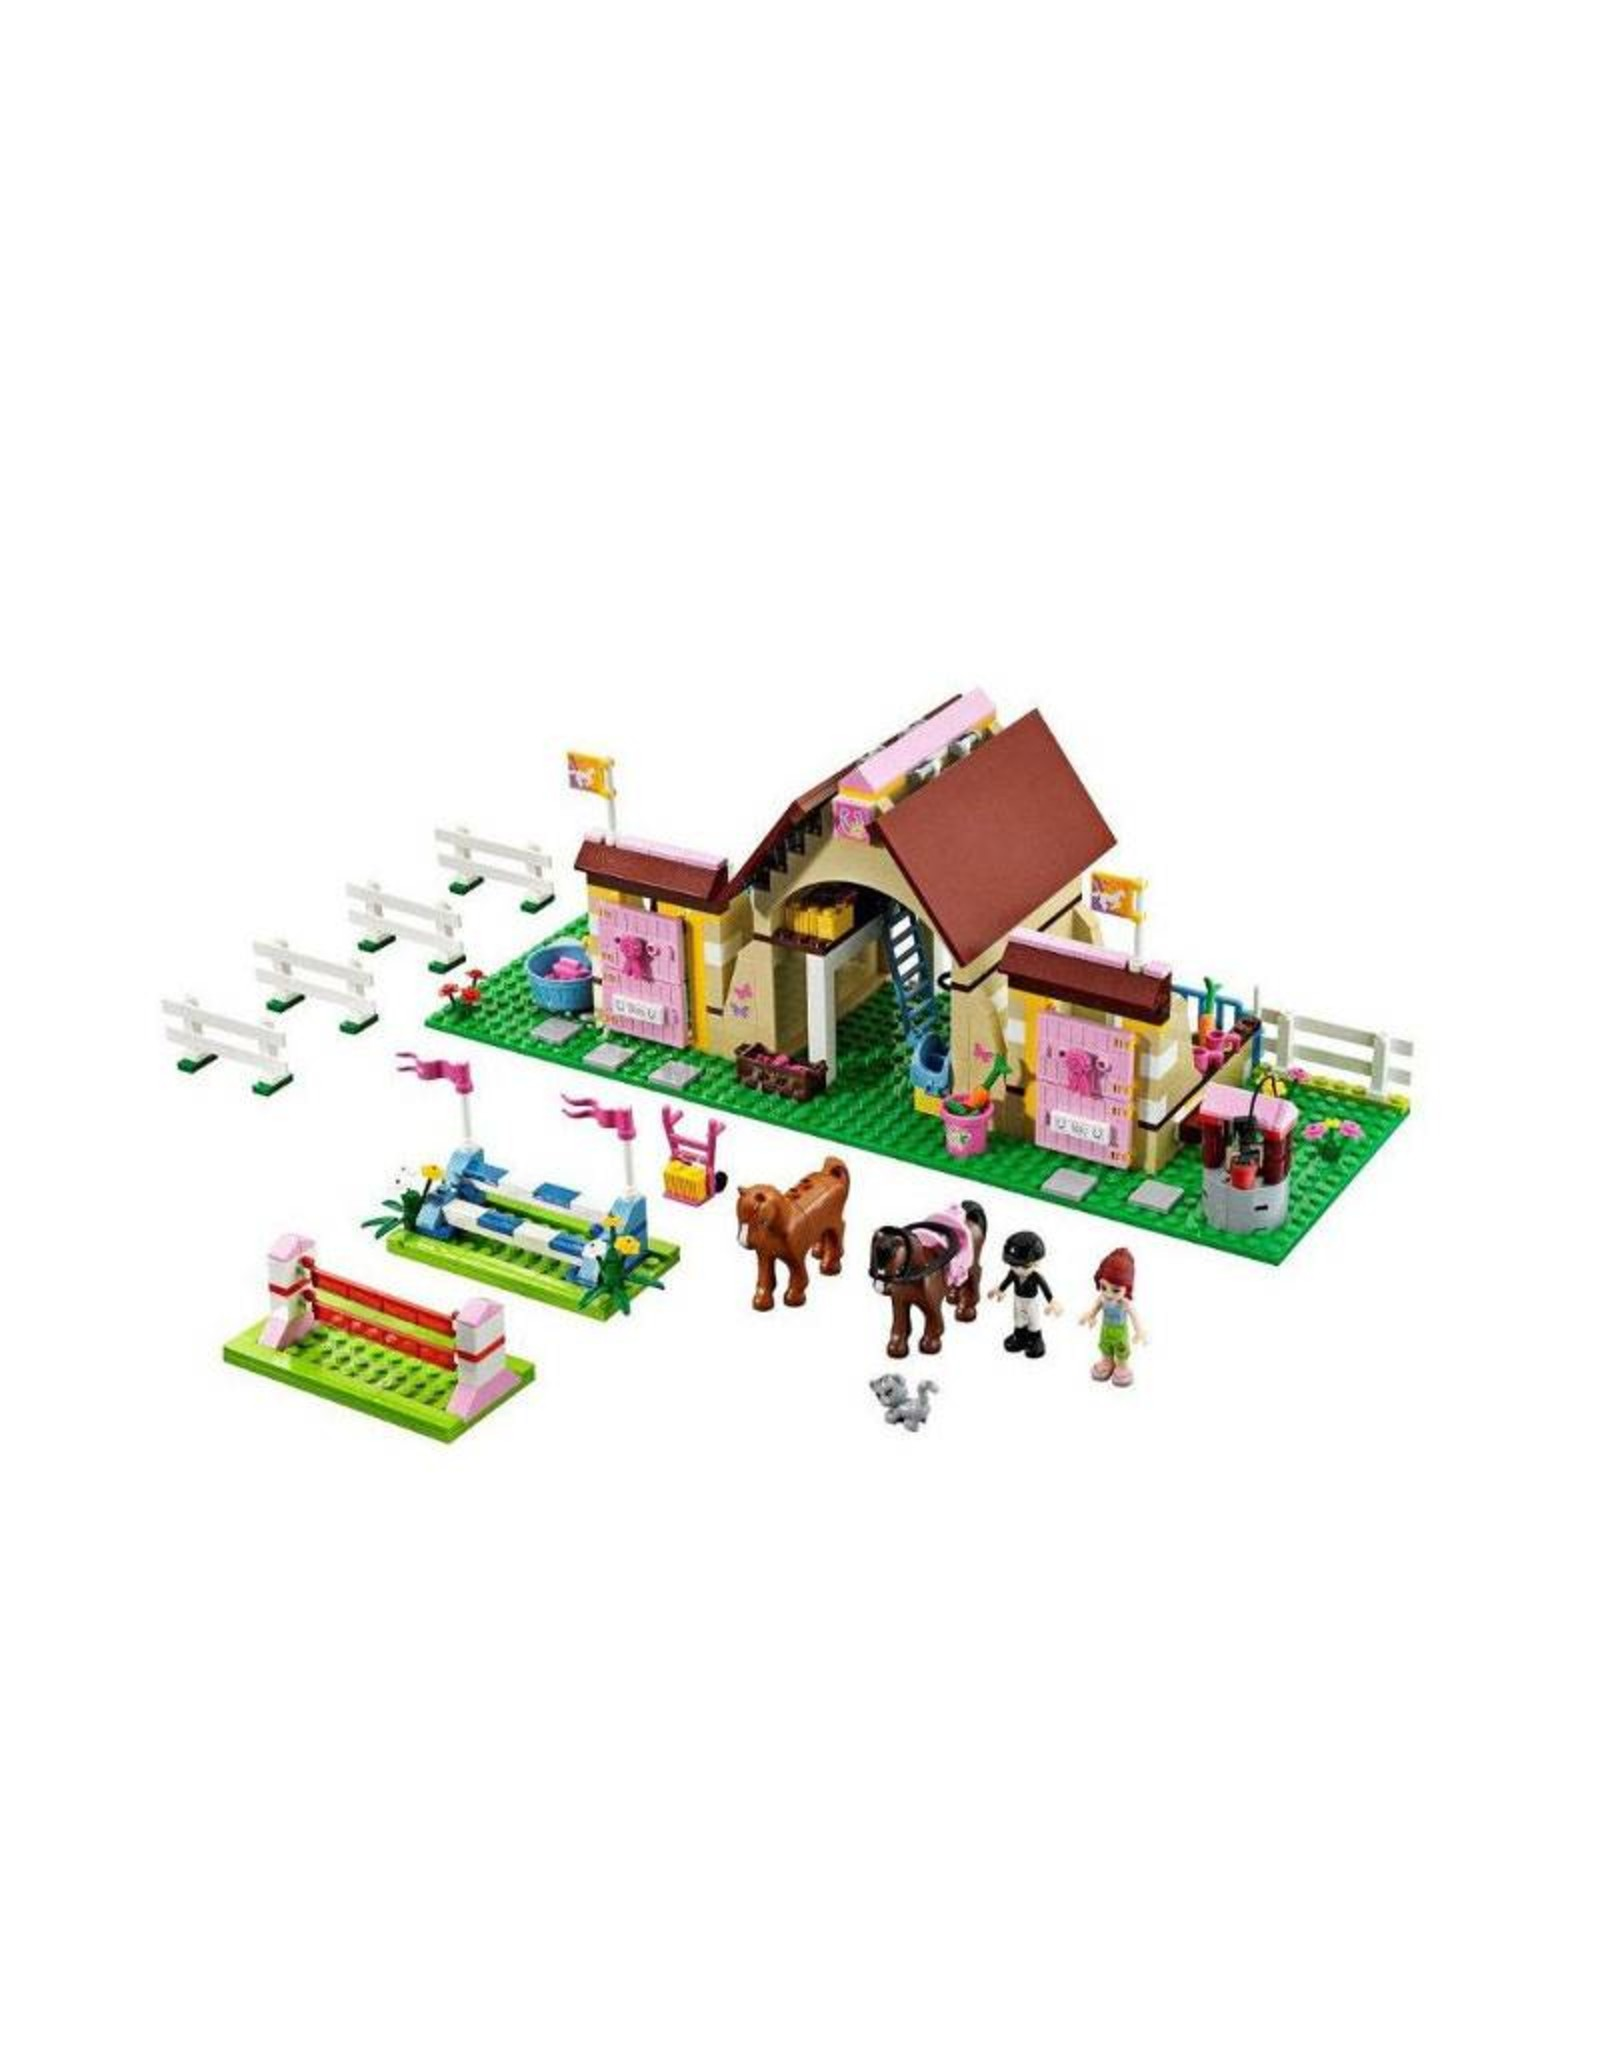 LEGO LEGO 3189 Heartlake paardestal FRIENDS